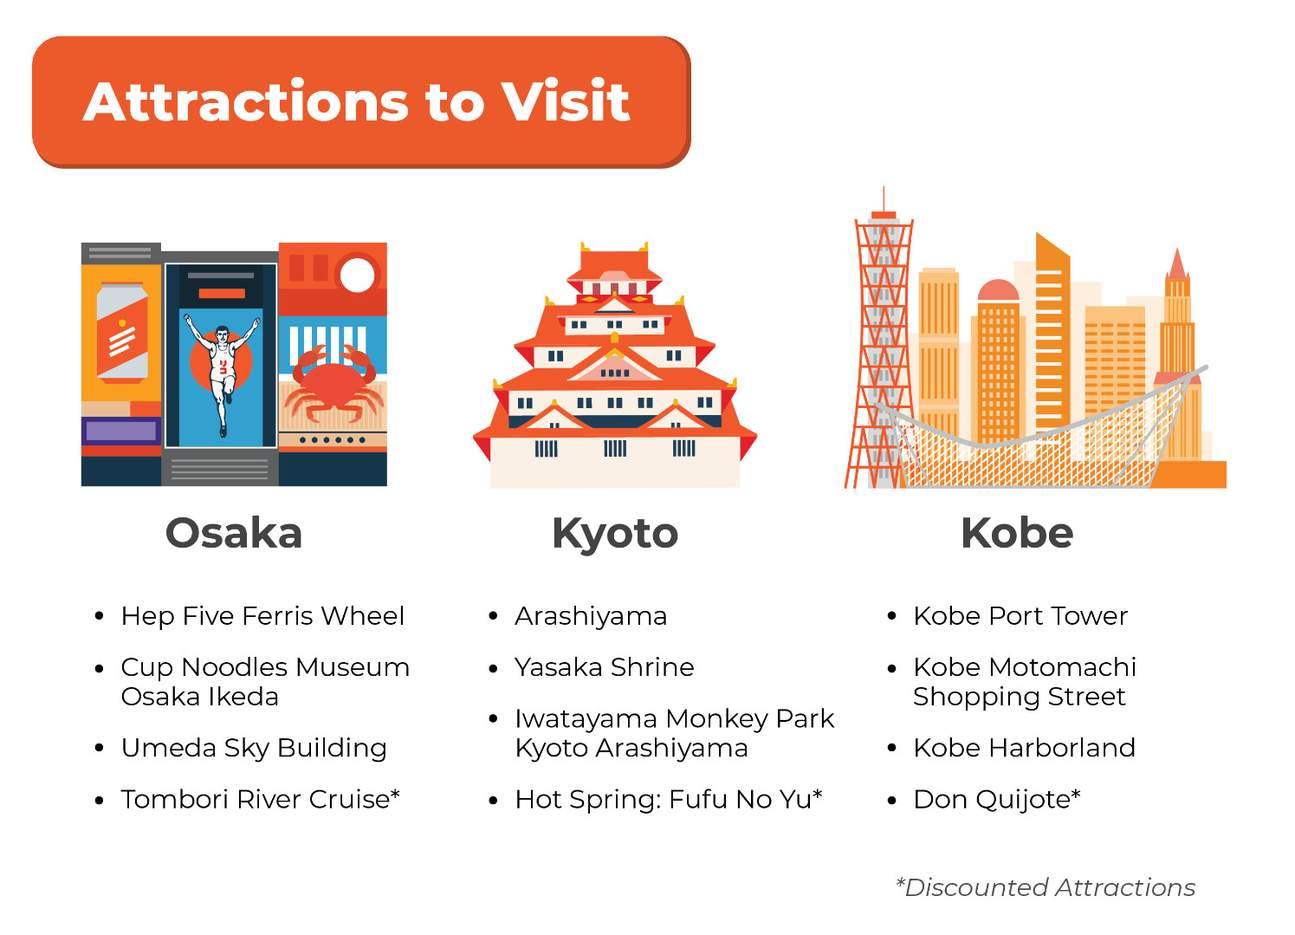 阪急觀光通行證的遊覽景點